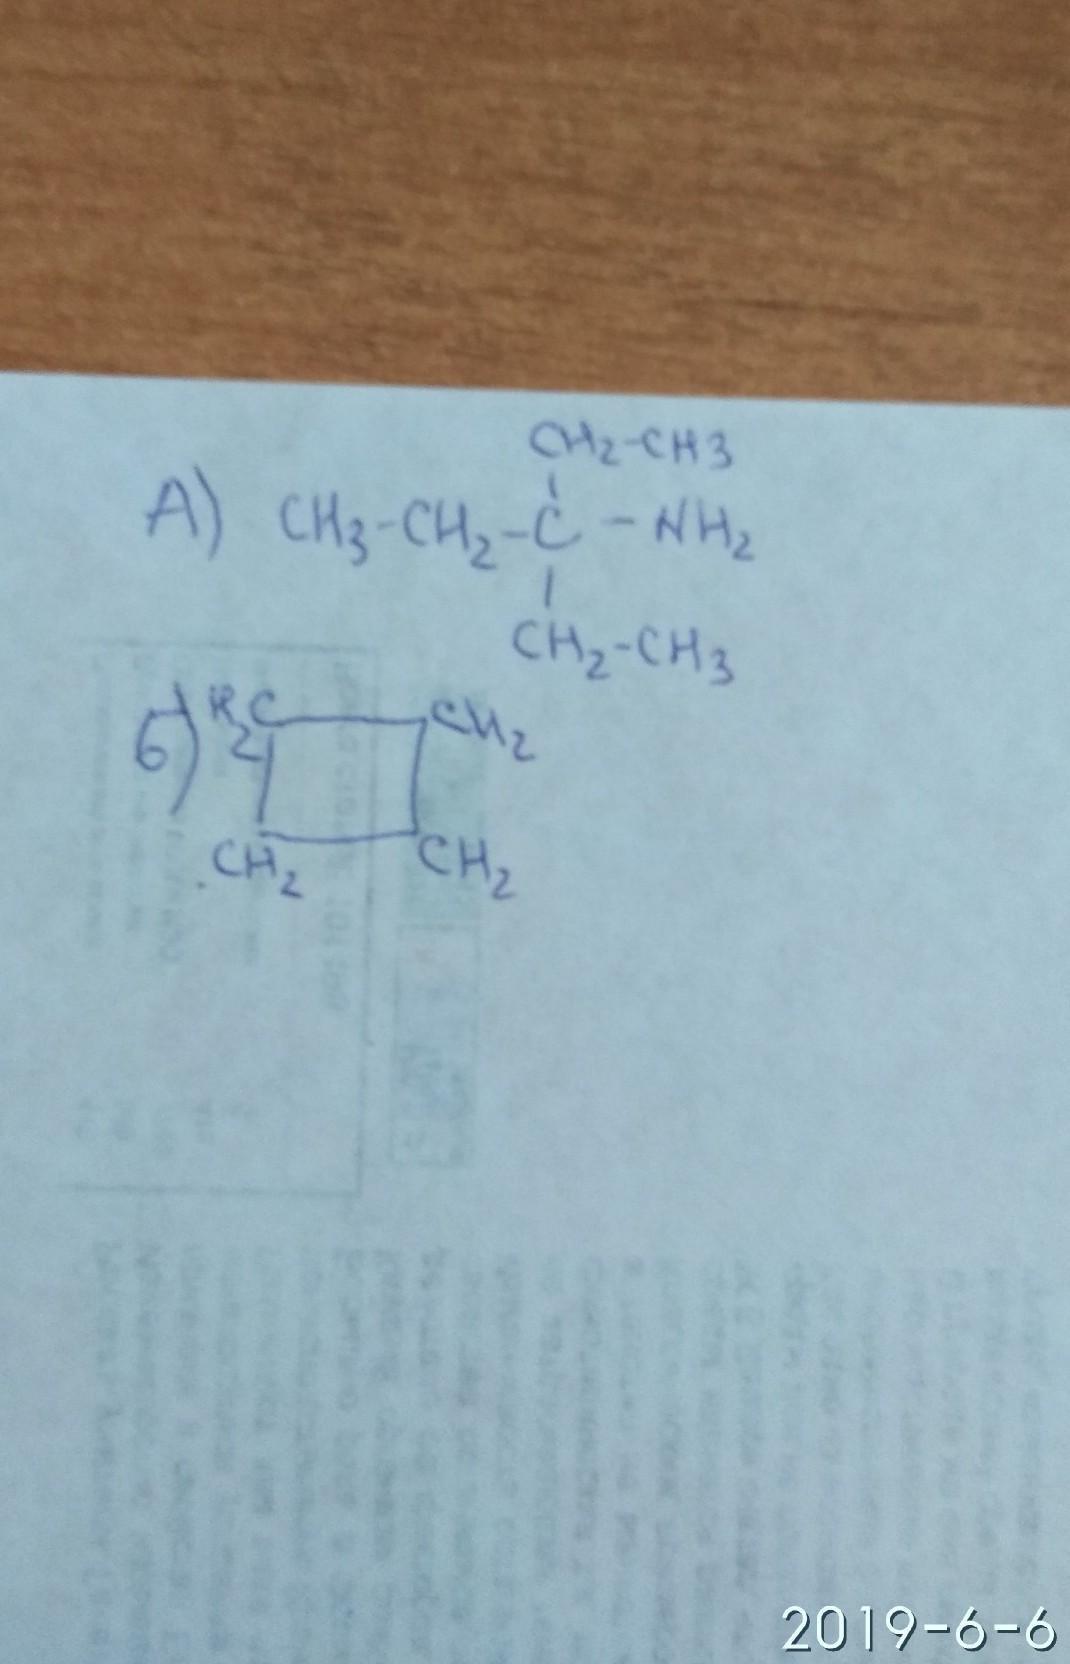 Напишите полную структурную формулу веществ по их